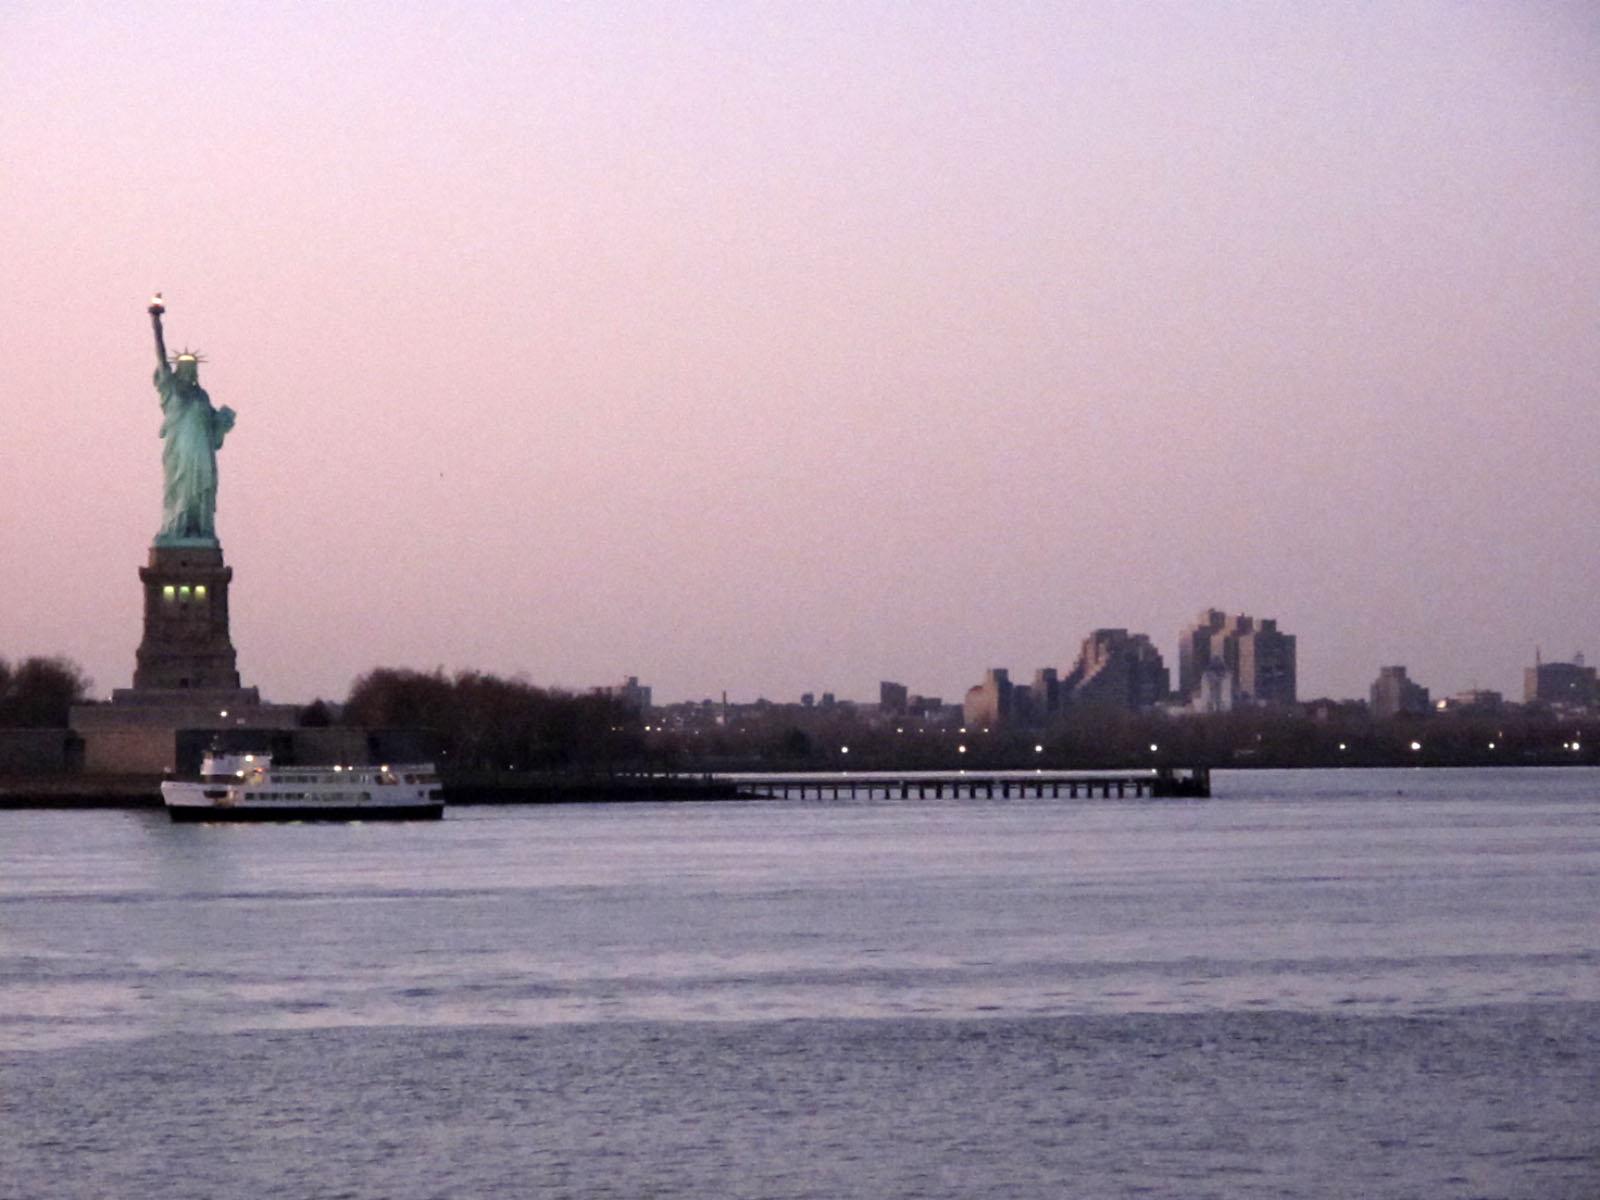 nyc-liberty-staten-island-ferry